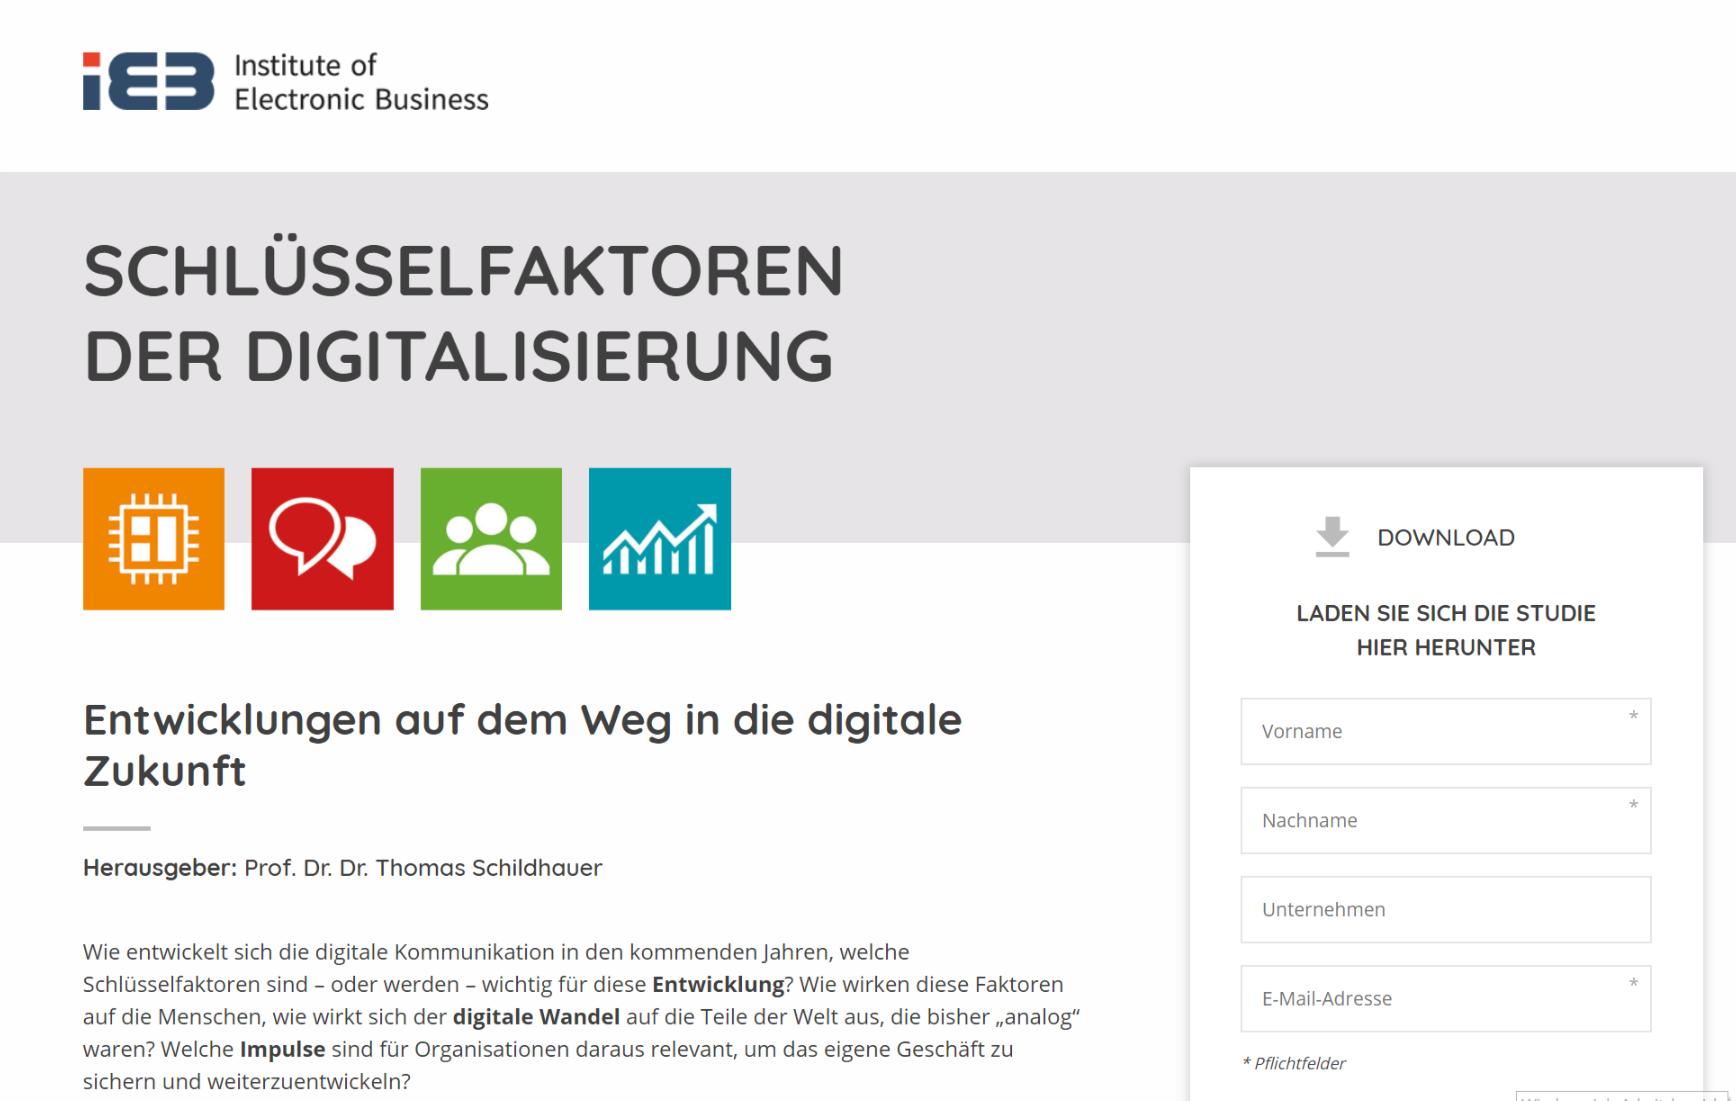 Download der aktualisierten Studie zu den Schlüsselfaktoren der Digitalisierung